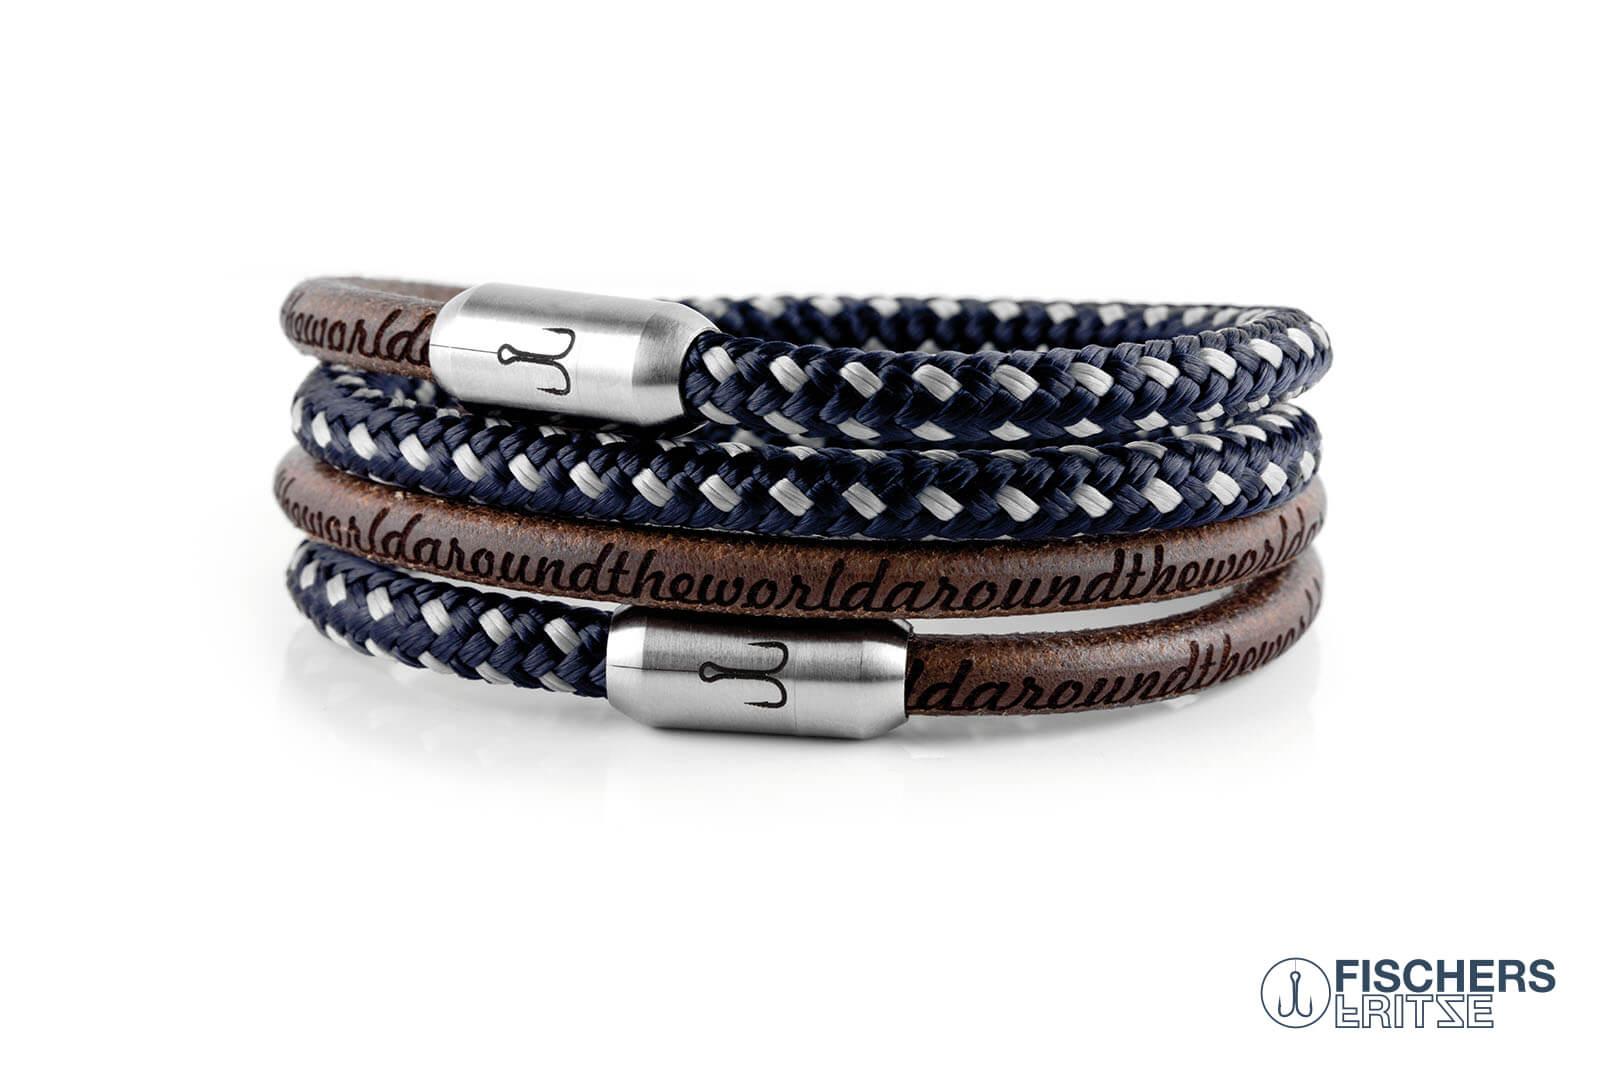 armband-fischers-fritze-kombigarnele-natur-gefettet-blau-grau-leder-segeltau